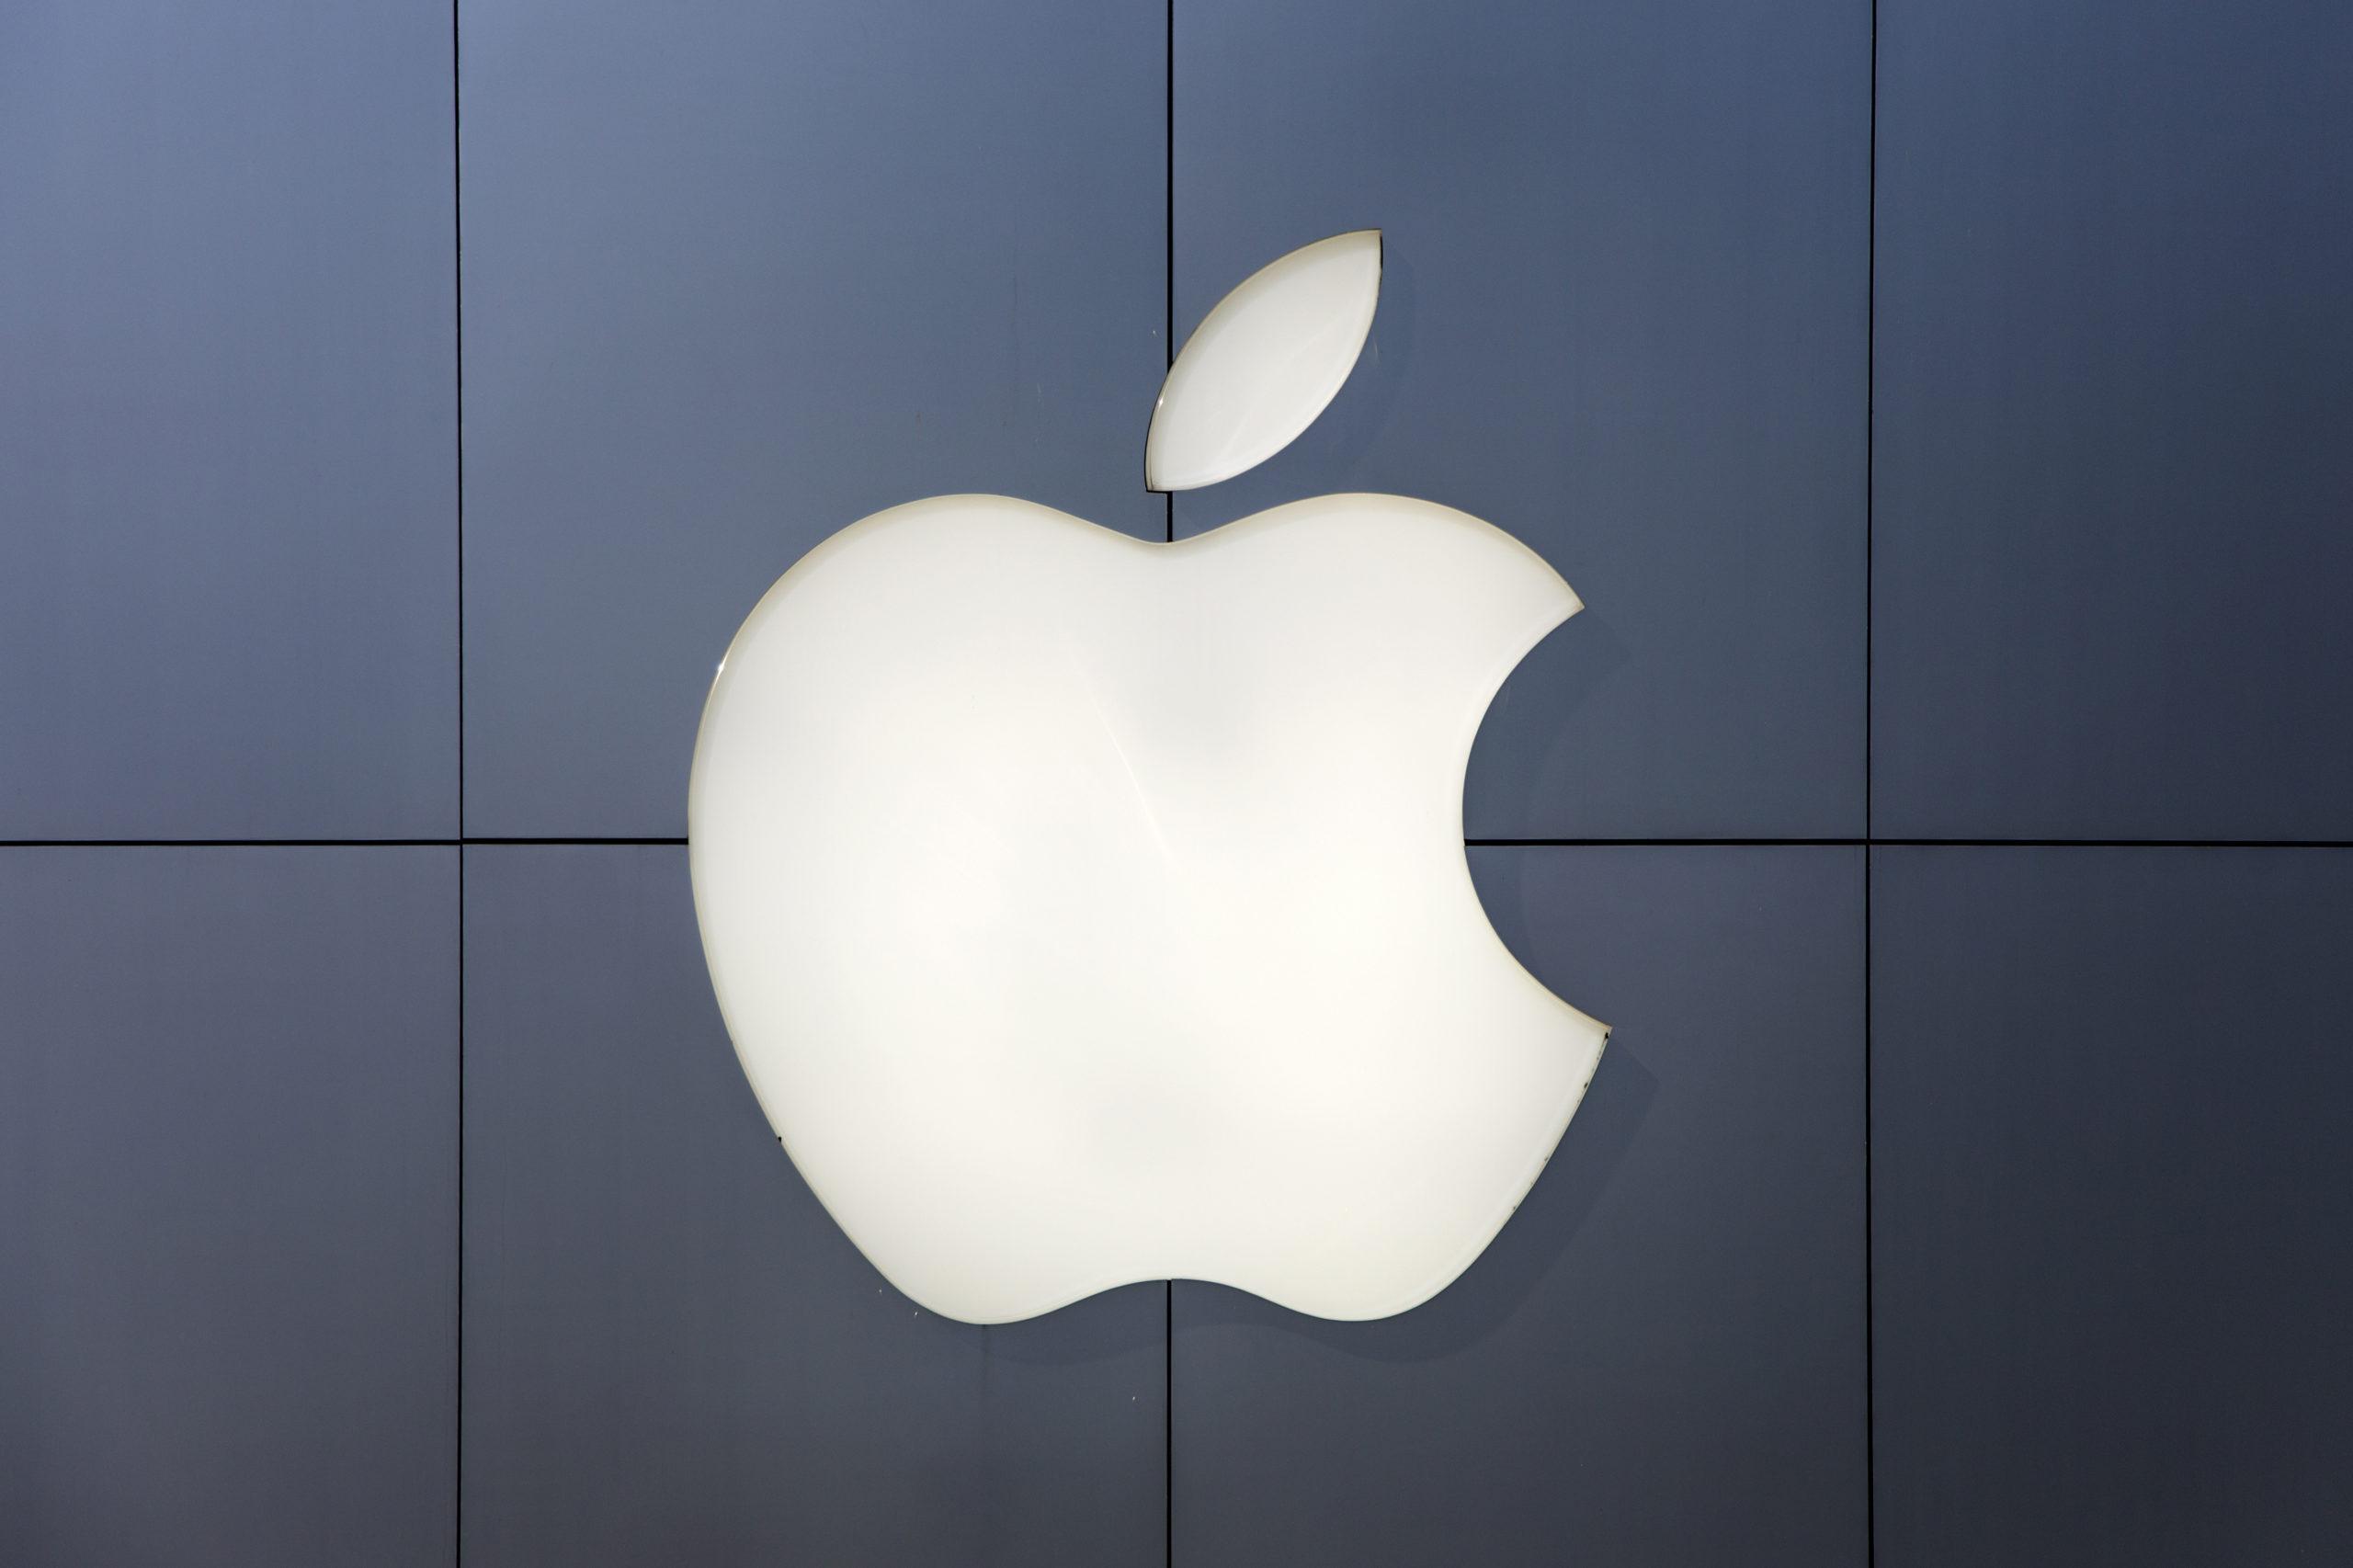 Étude de cas : La Stratégie Marketing d'Apple